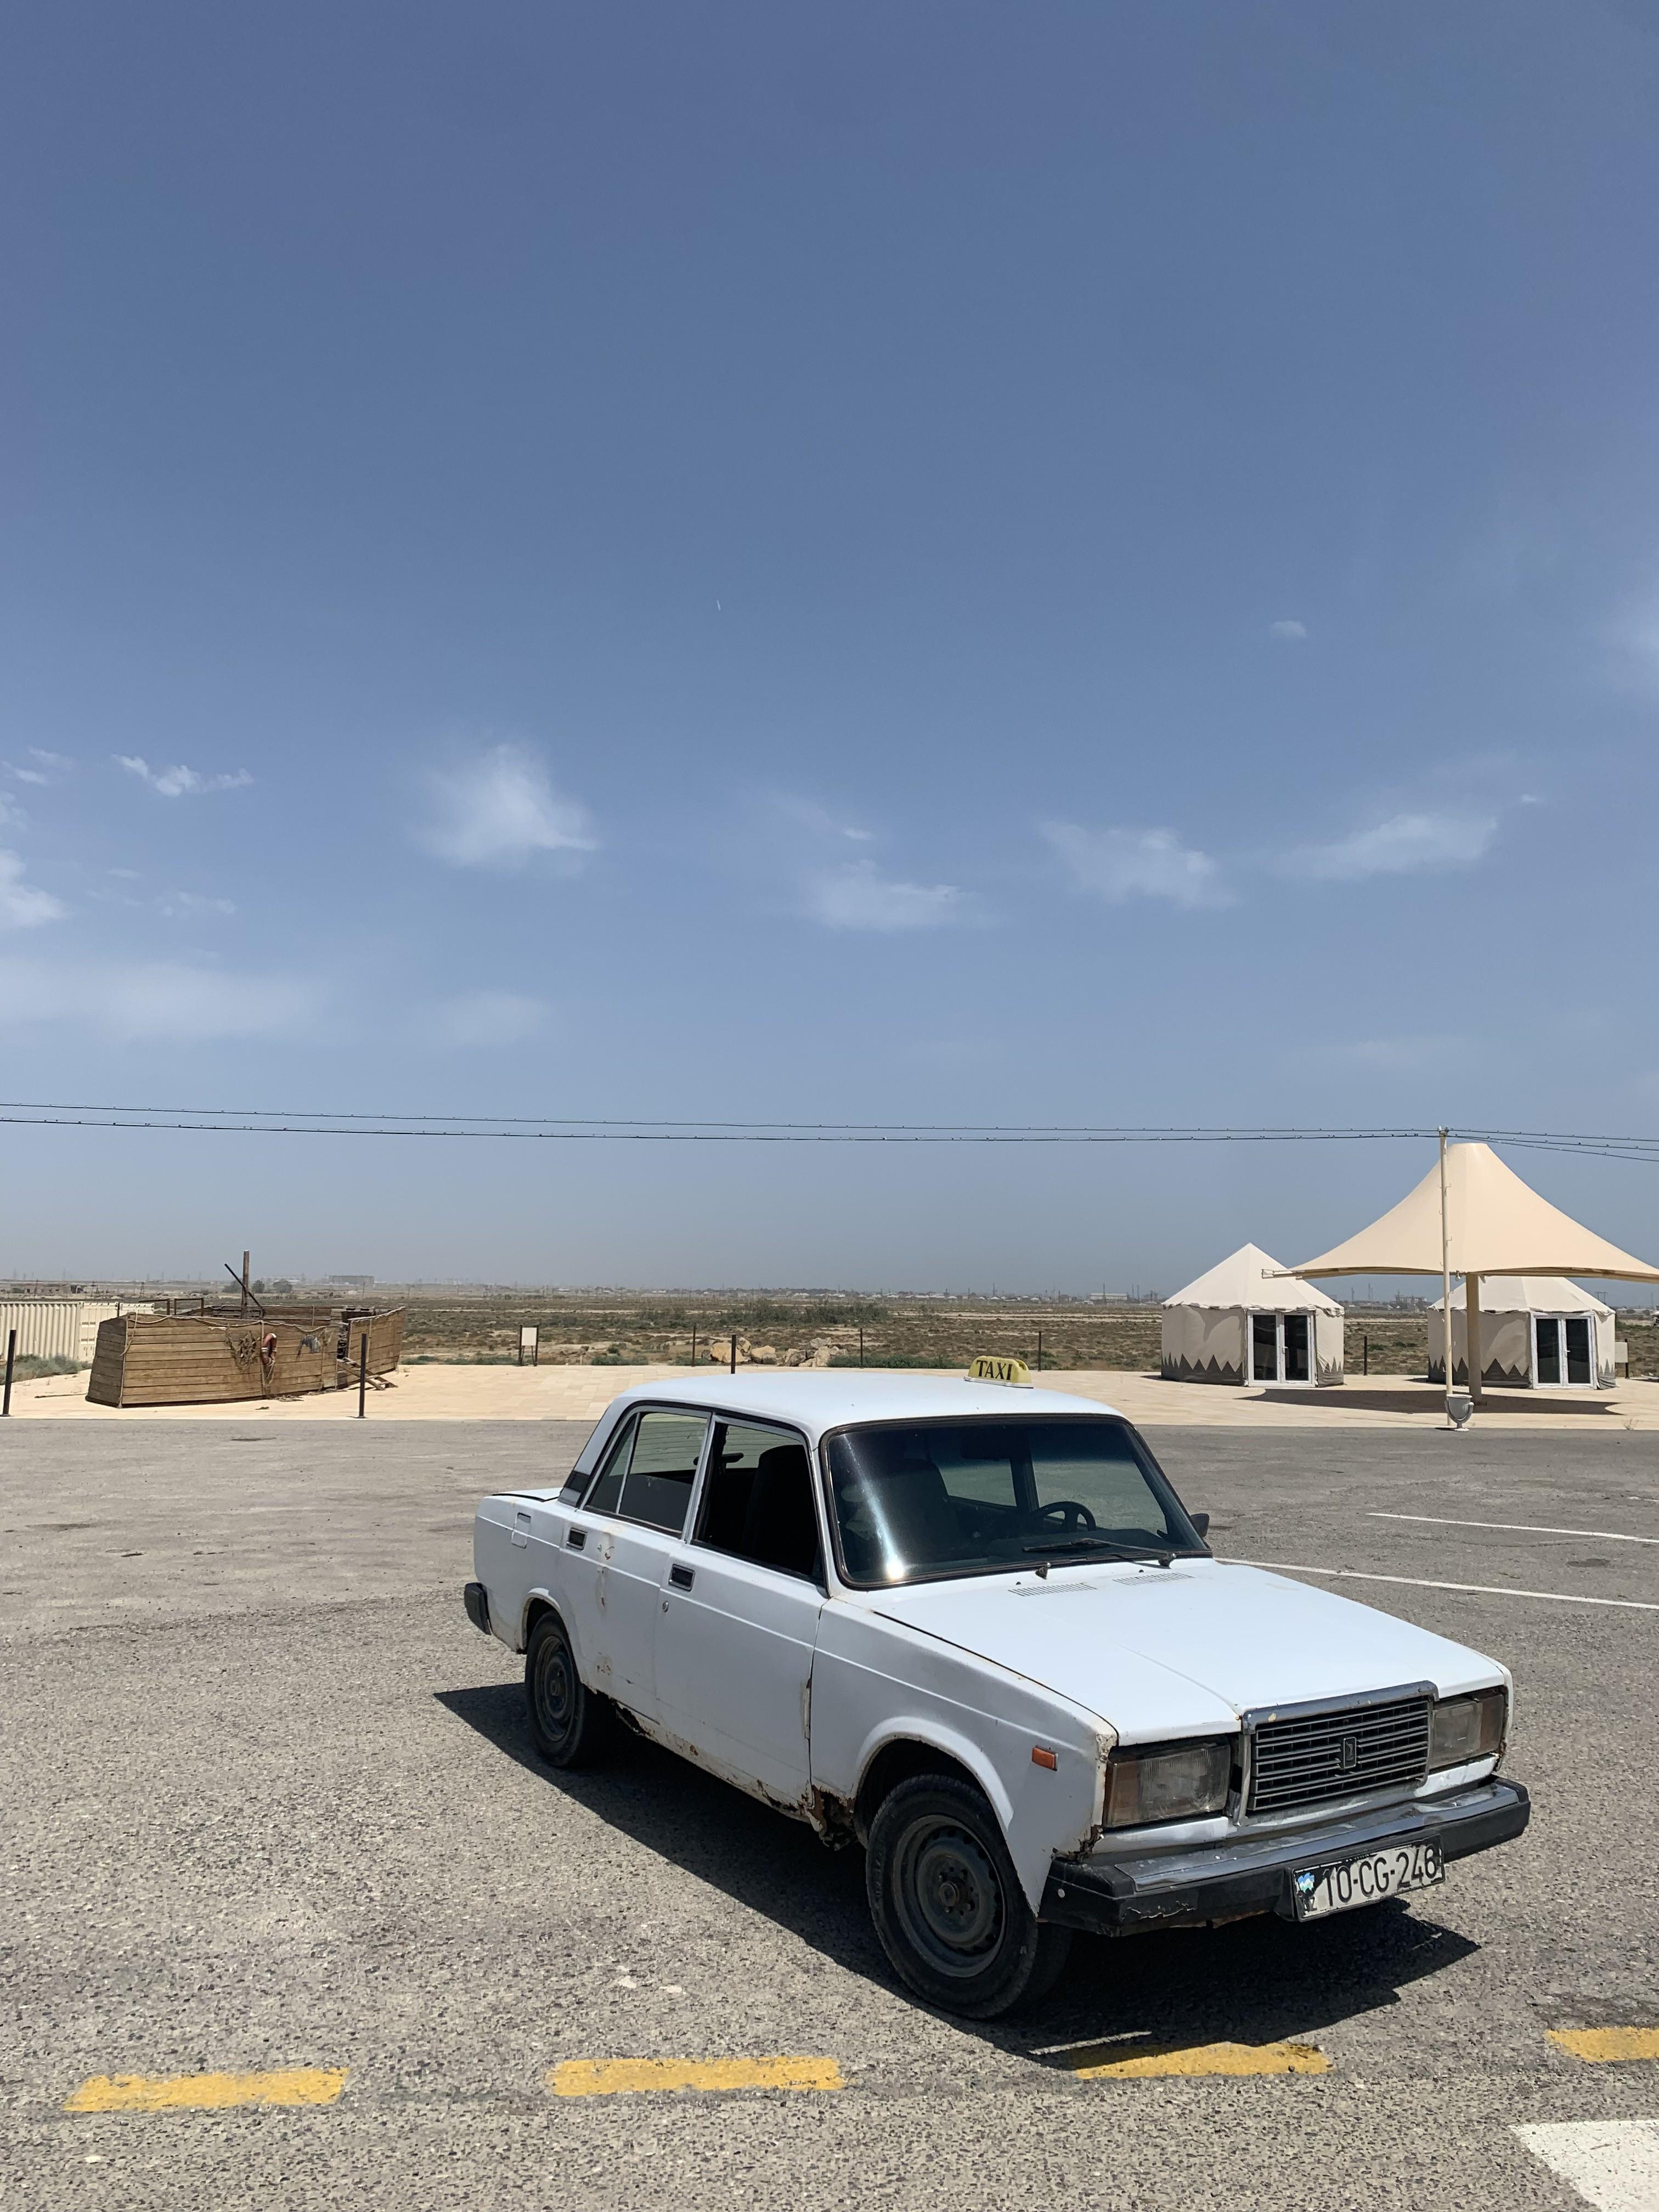 Azerbaycan'ın kültürel parklarından birini ziyaret eden Sovyet yapımı Lada marka bir otomobil. - Fotoğraf: Doğaç Özen